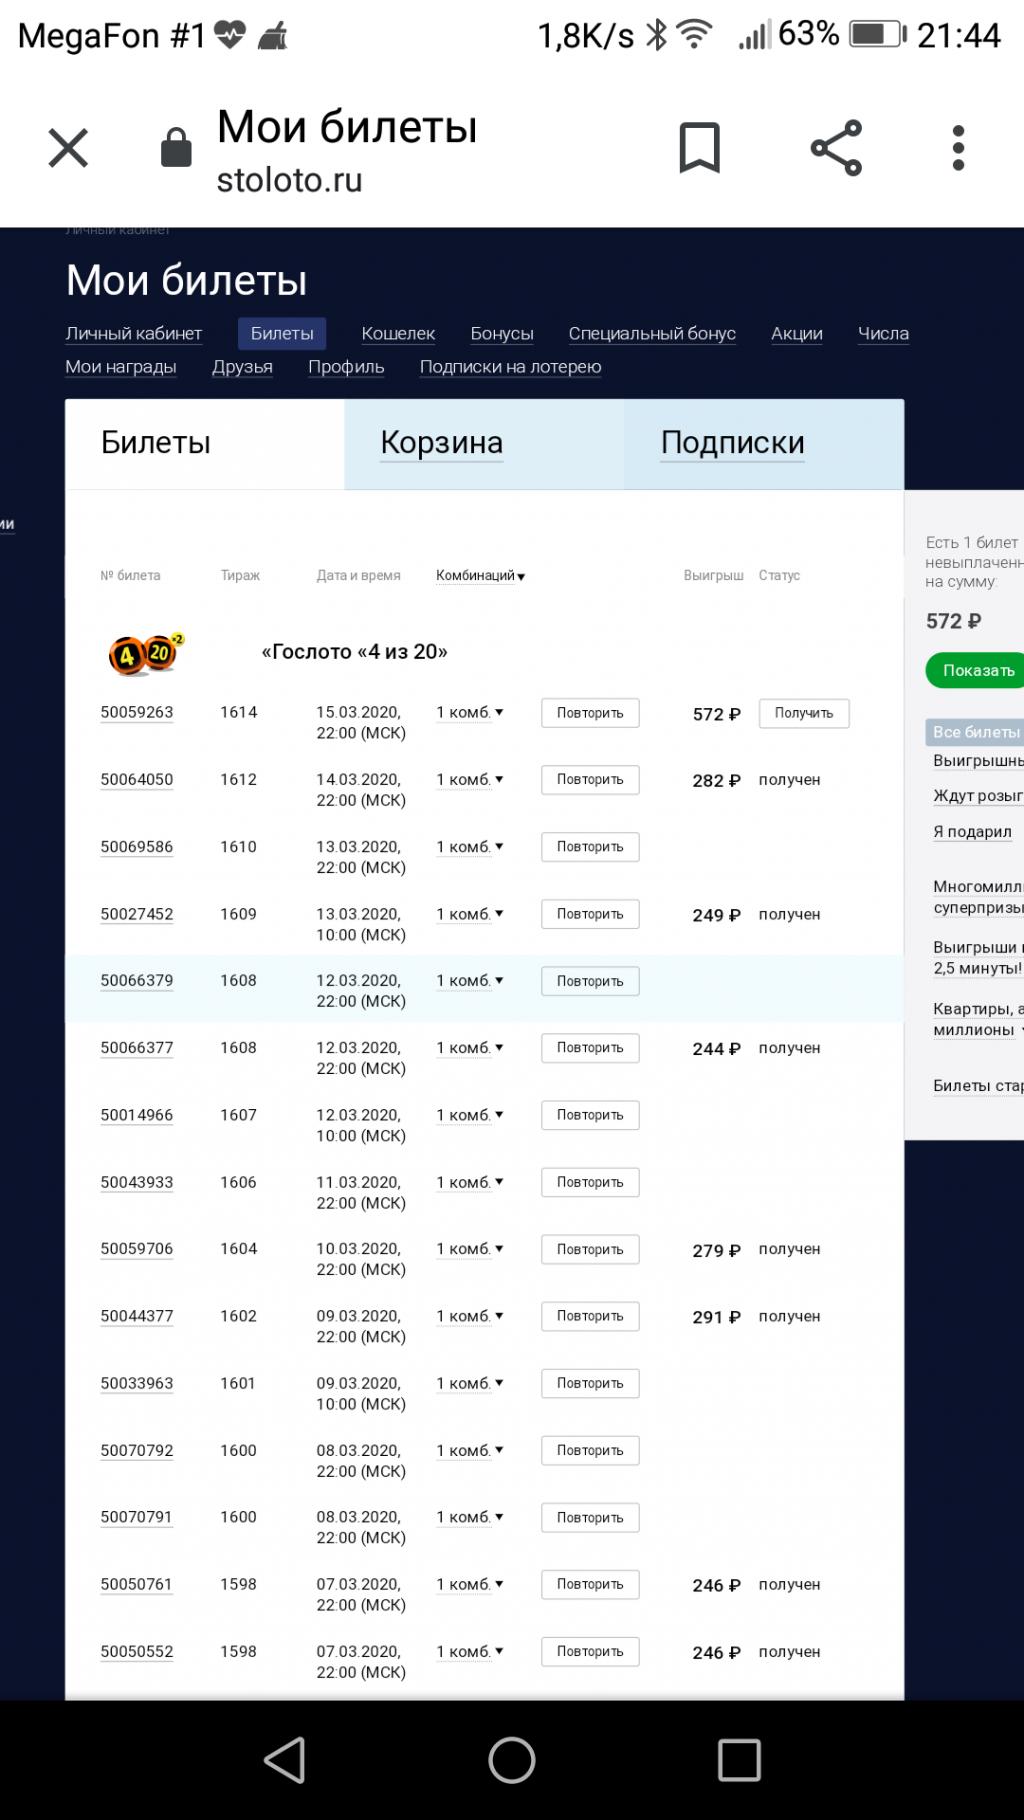 Prolotto.net отзывы - лотереи - первый независимый сайт отзывов россии